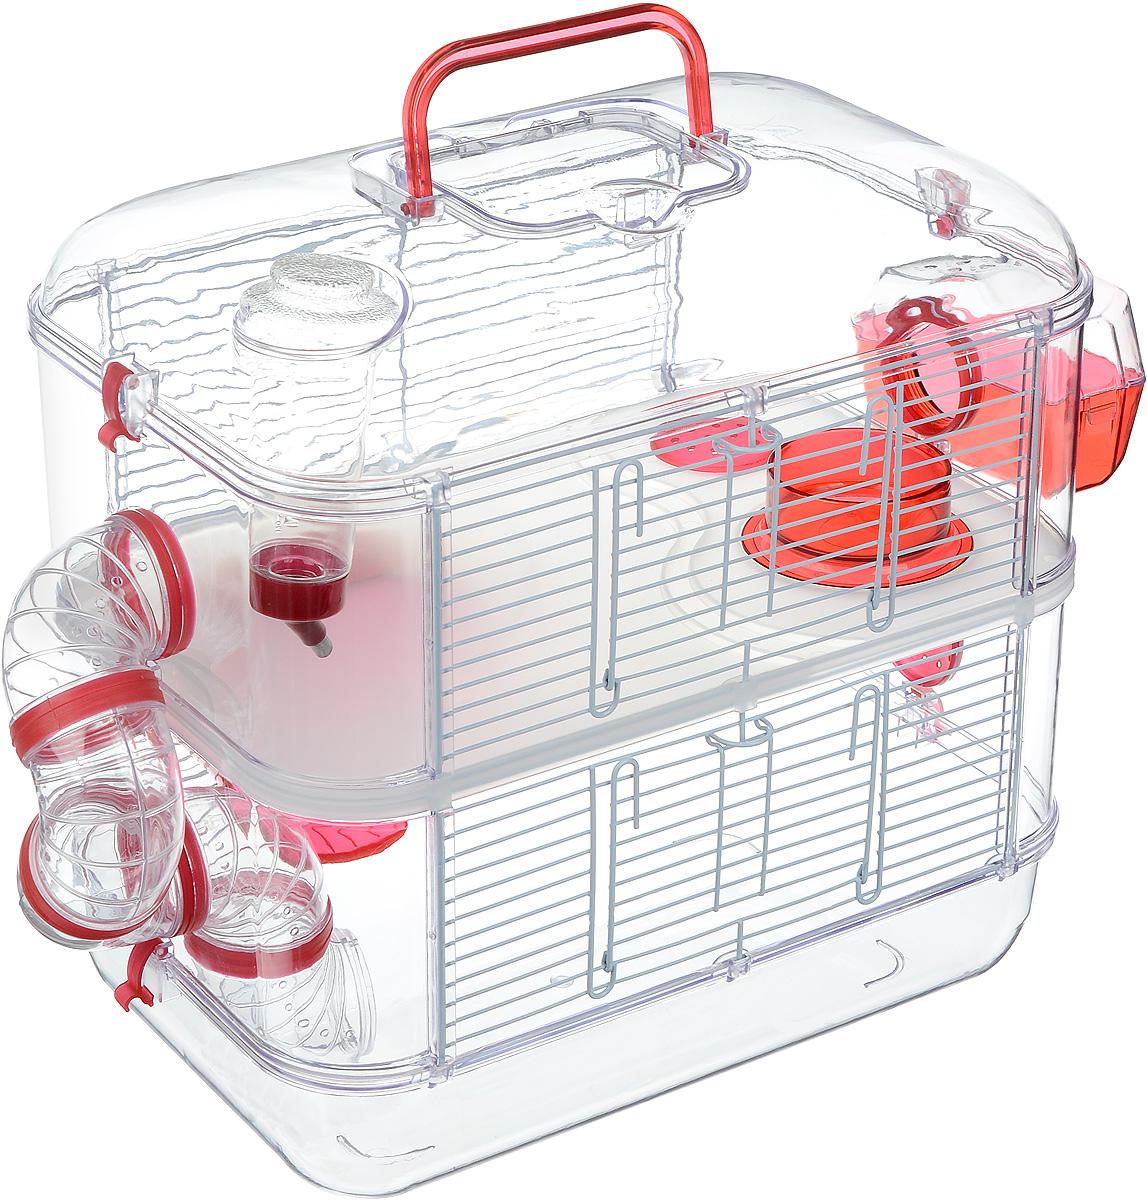 Клетка для грызунов Zolux Rody Duo, 2-ярусная, цвет: прозрачный, вишневый, 40 х 26 х 40 см0120710Просторная клетка для грызунов Zolux Rody Duo будет служить домом и одновременно местом для экстремальных развлечений. В комплект входят бутылочка 170 мл, 1 колесо, 1 кормушка, 1 открытое гнездо, 2 плоских пробок, 5 согнутых труб, 7 соединителей. Также имеется инструкция по сборке на русском языке. Такая клетка станет уединенным личным пространством и уютным домиком для маленького грызуна.